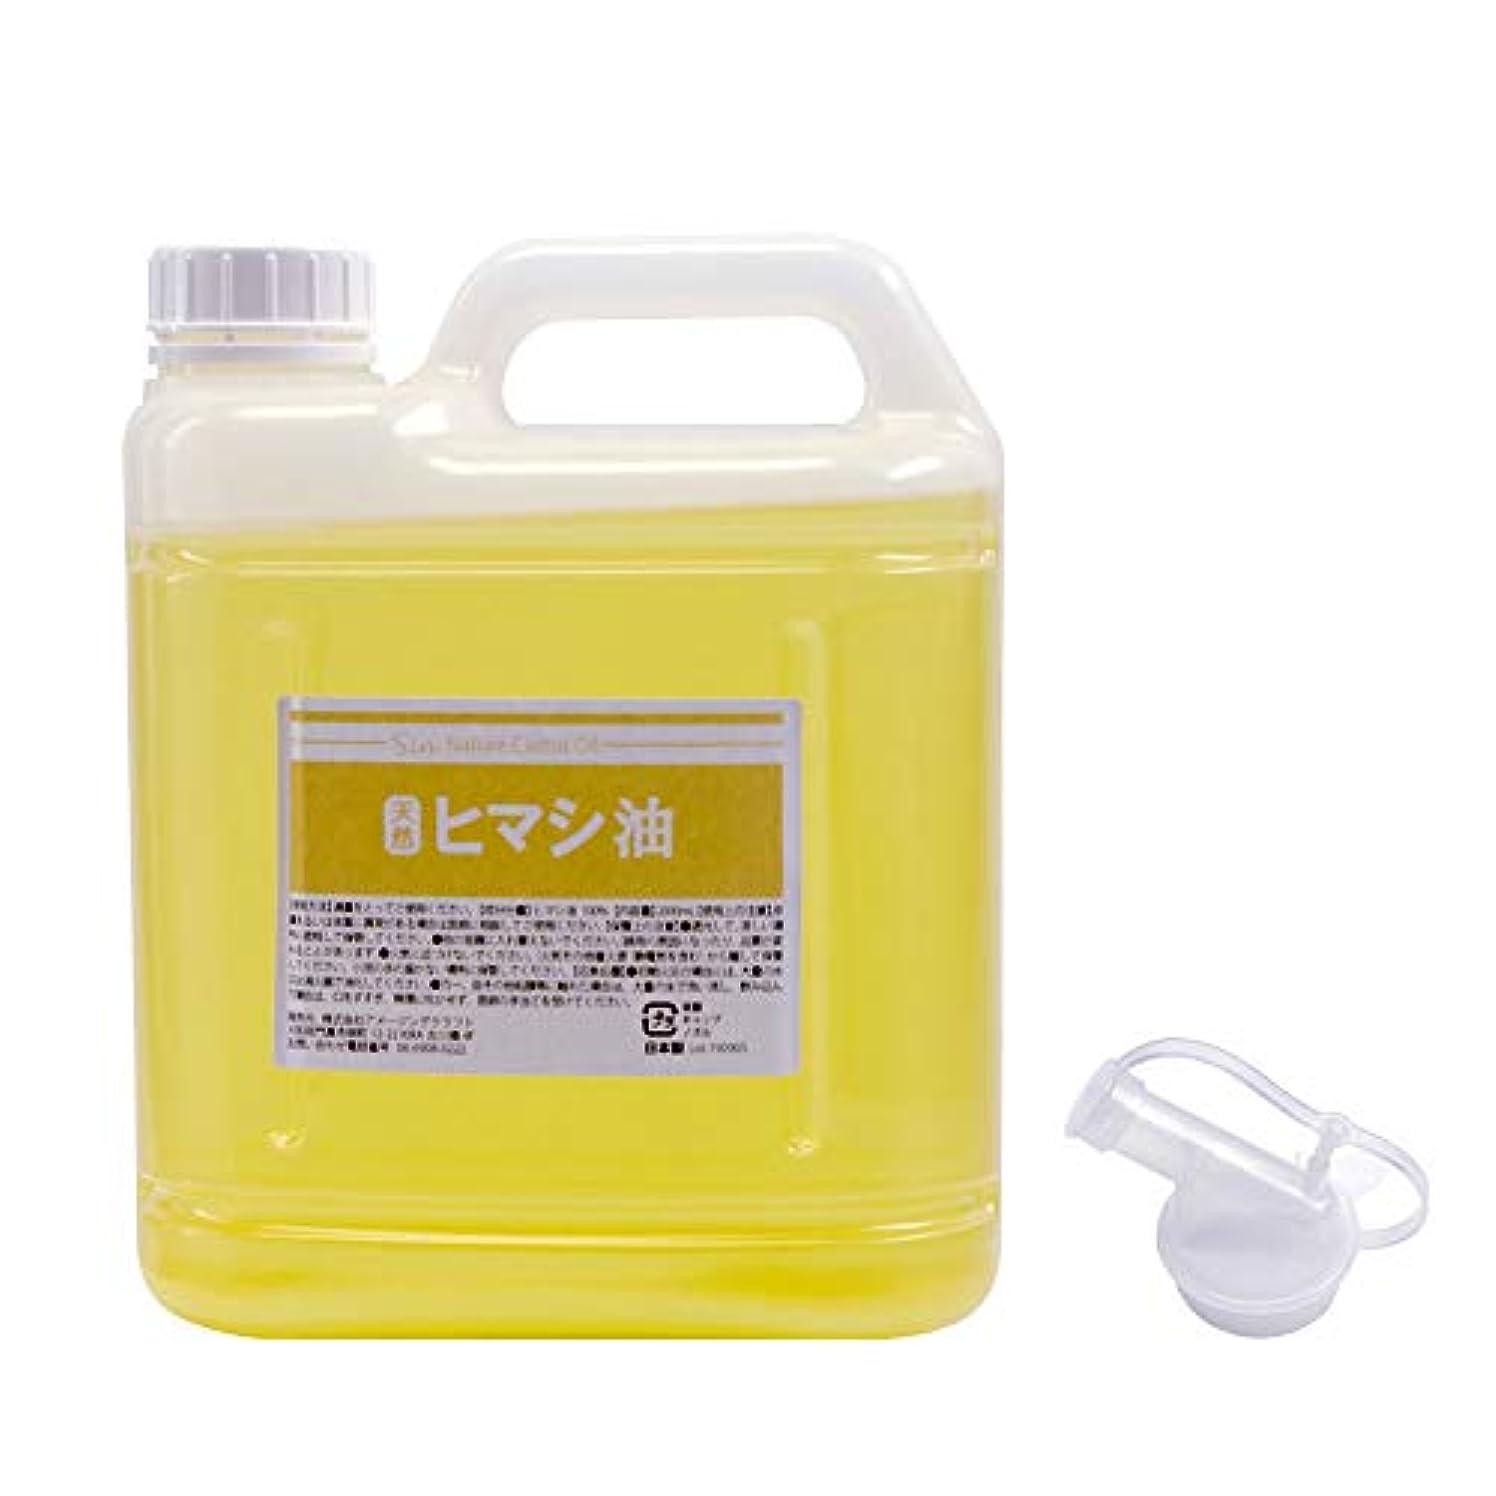 モールス信号予知患者天然無添加 国内精製ひまし油 (キャスターオイル) 2000ml 2L